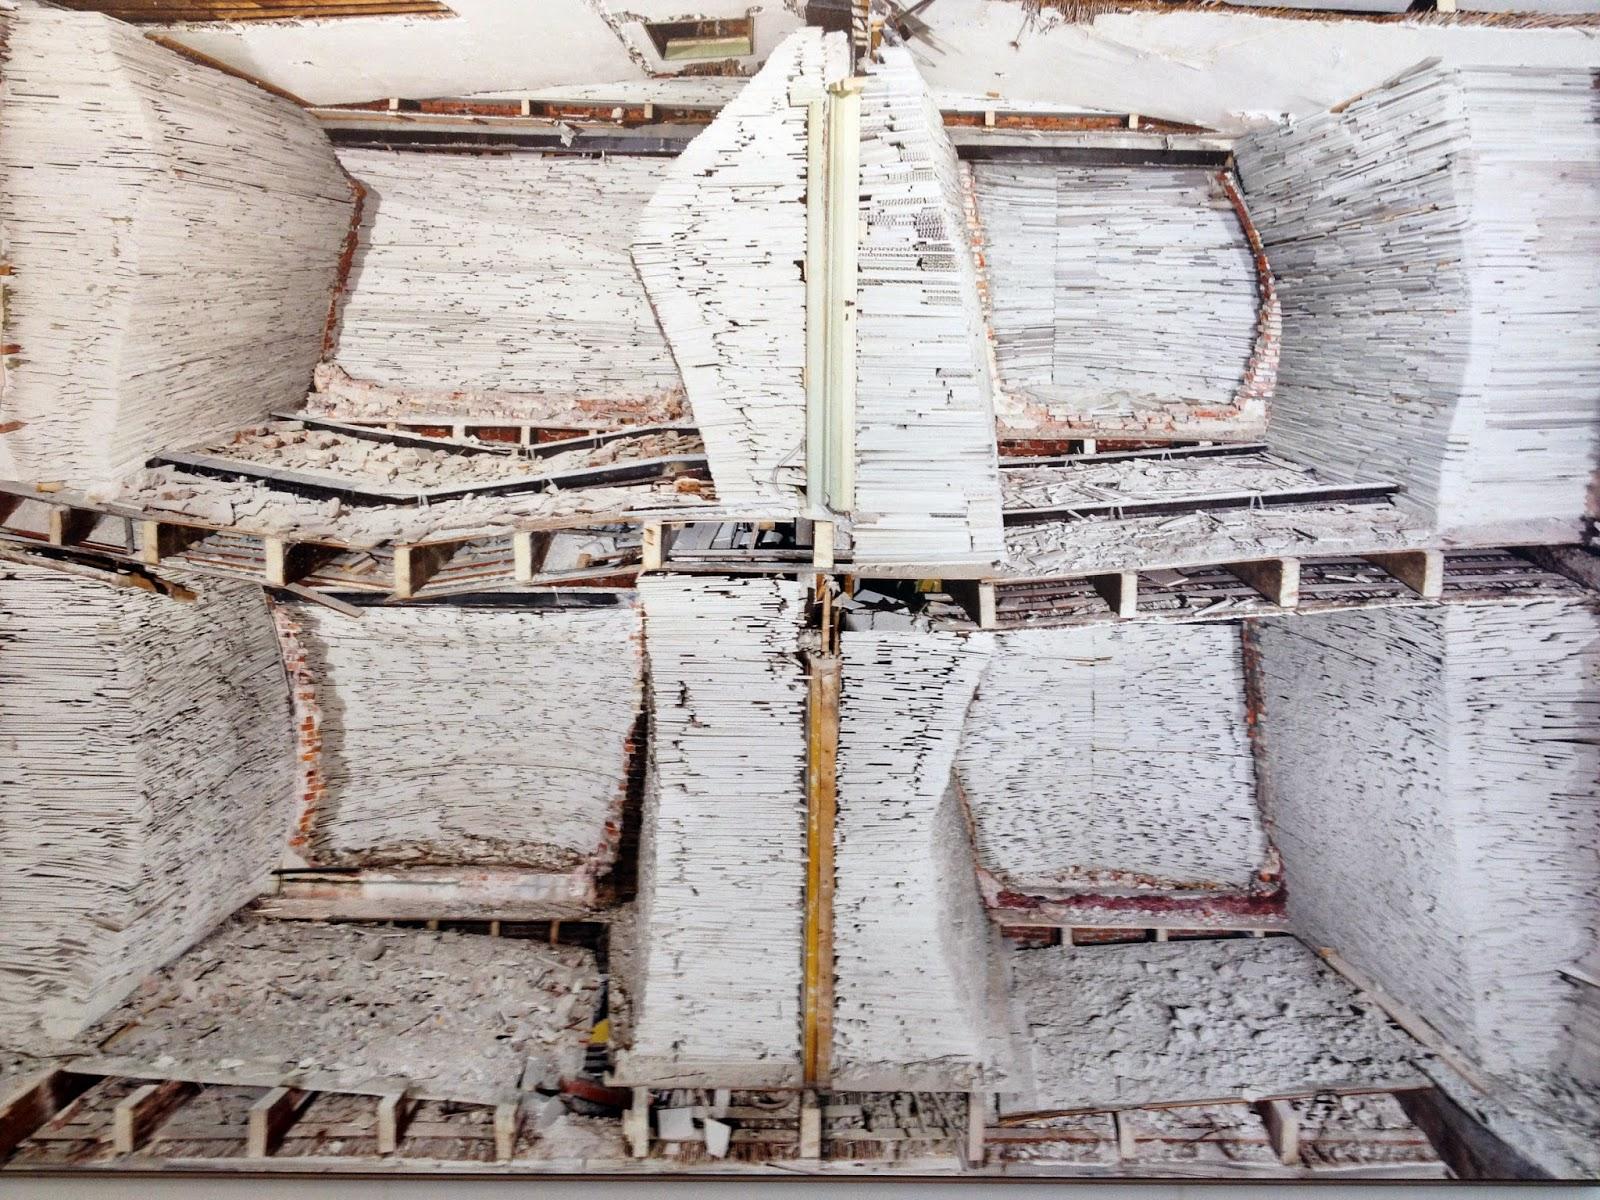 Verwoest Huis Op Noord Marjan Teeuwen KunstRAI 2014